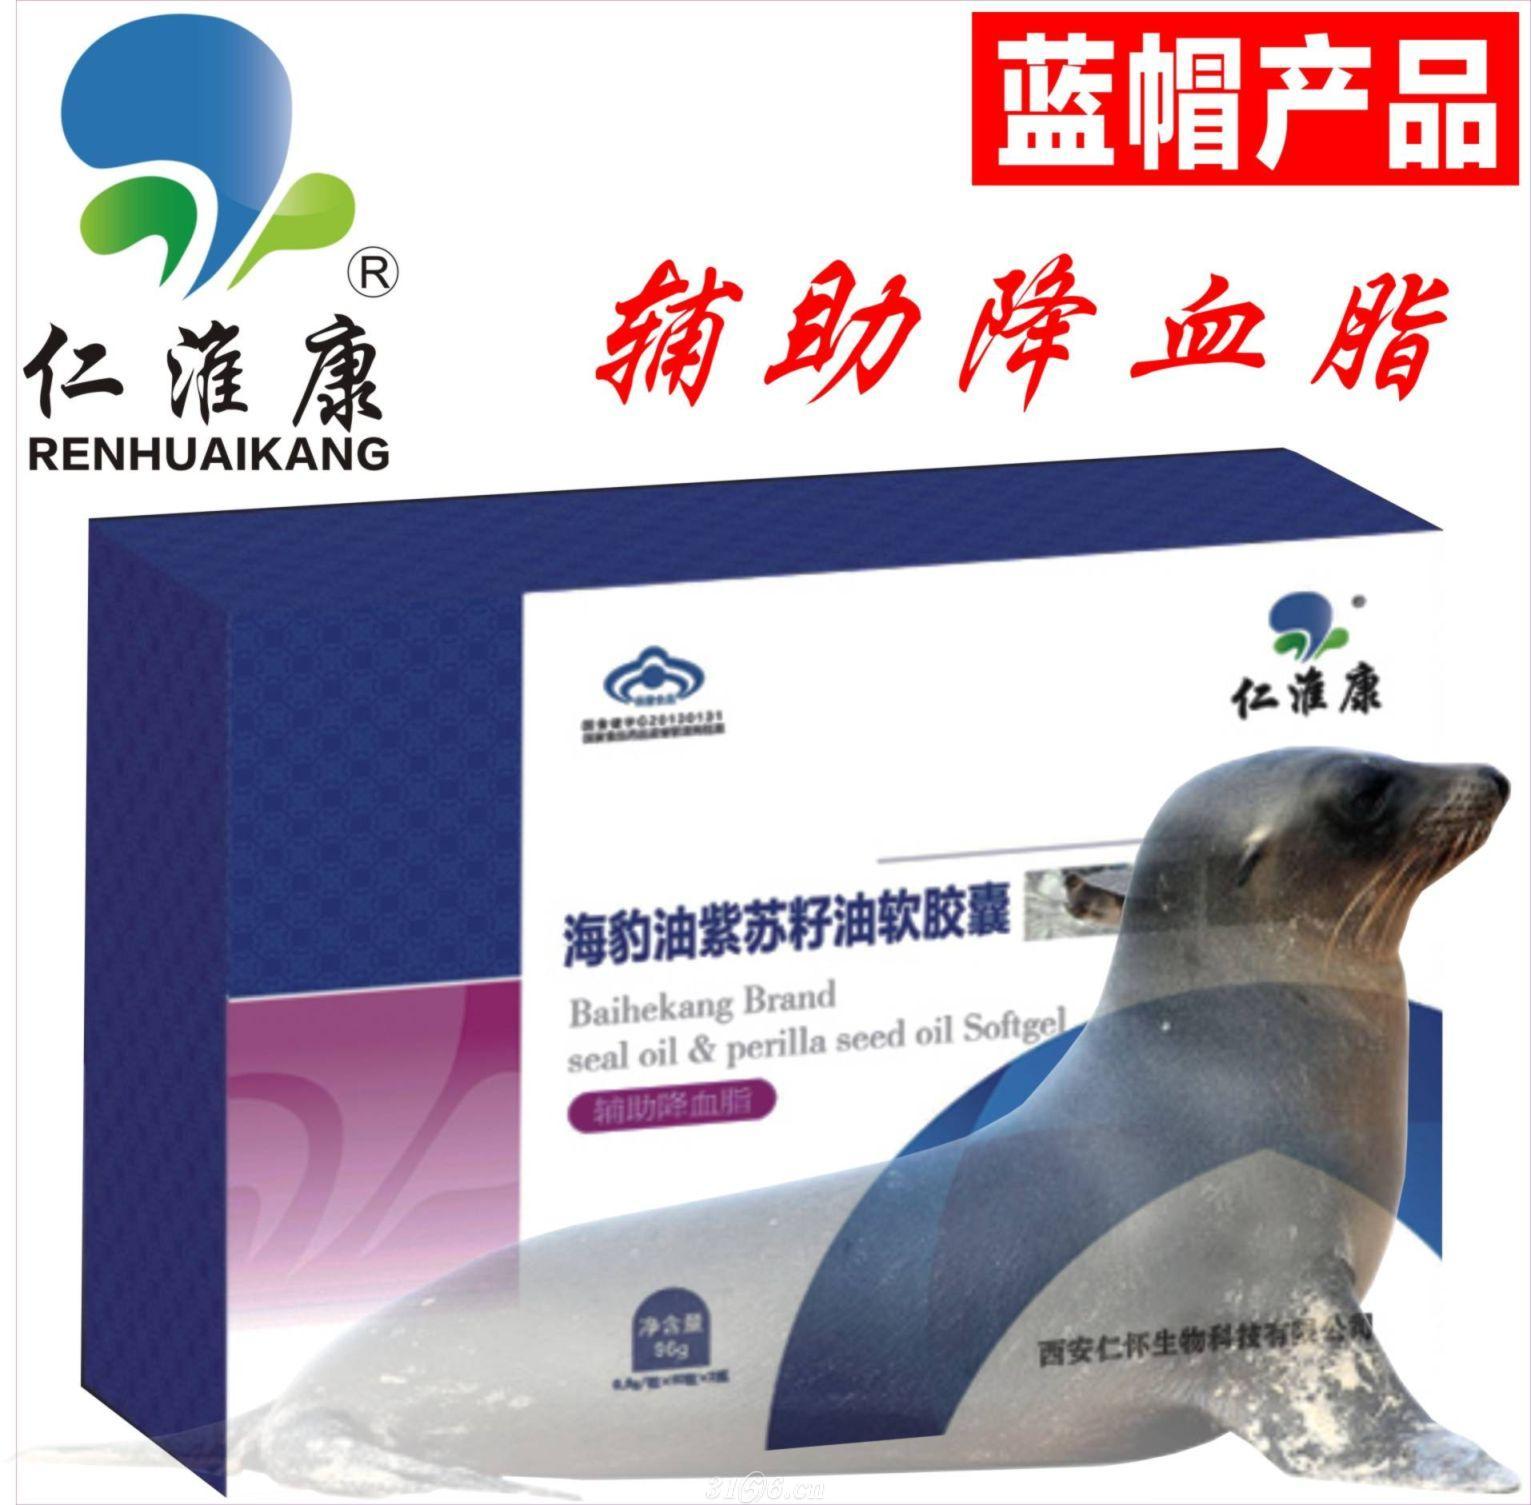 海豹油紫蘇籽油軟膠囊